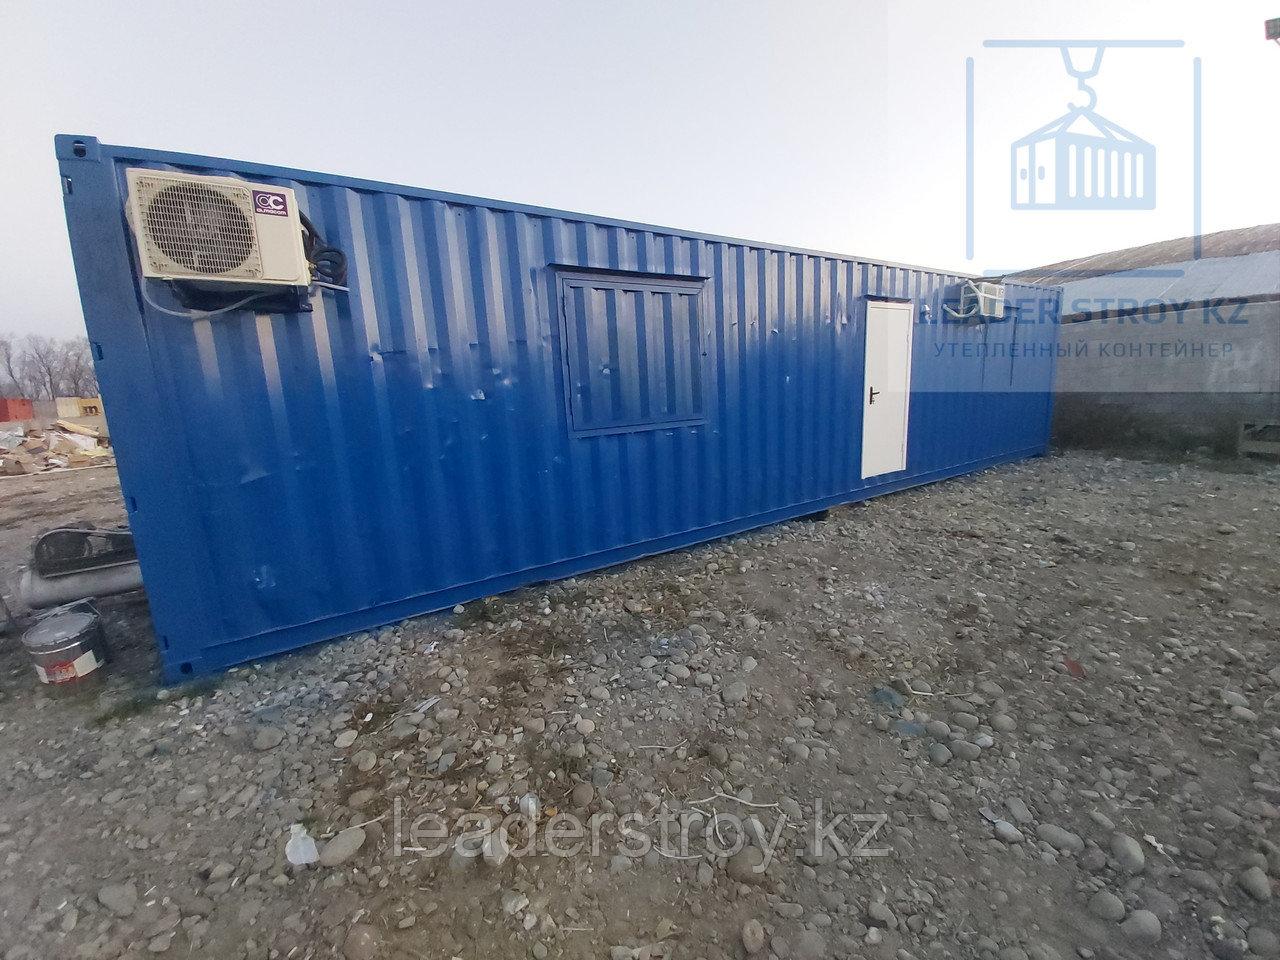 Офисное помещение из 40 футового контейнер